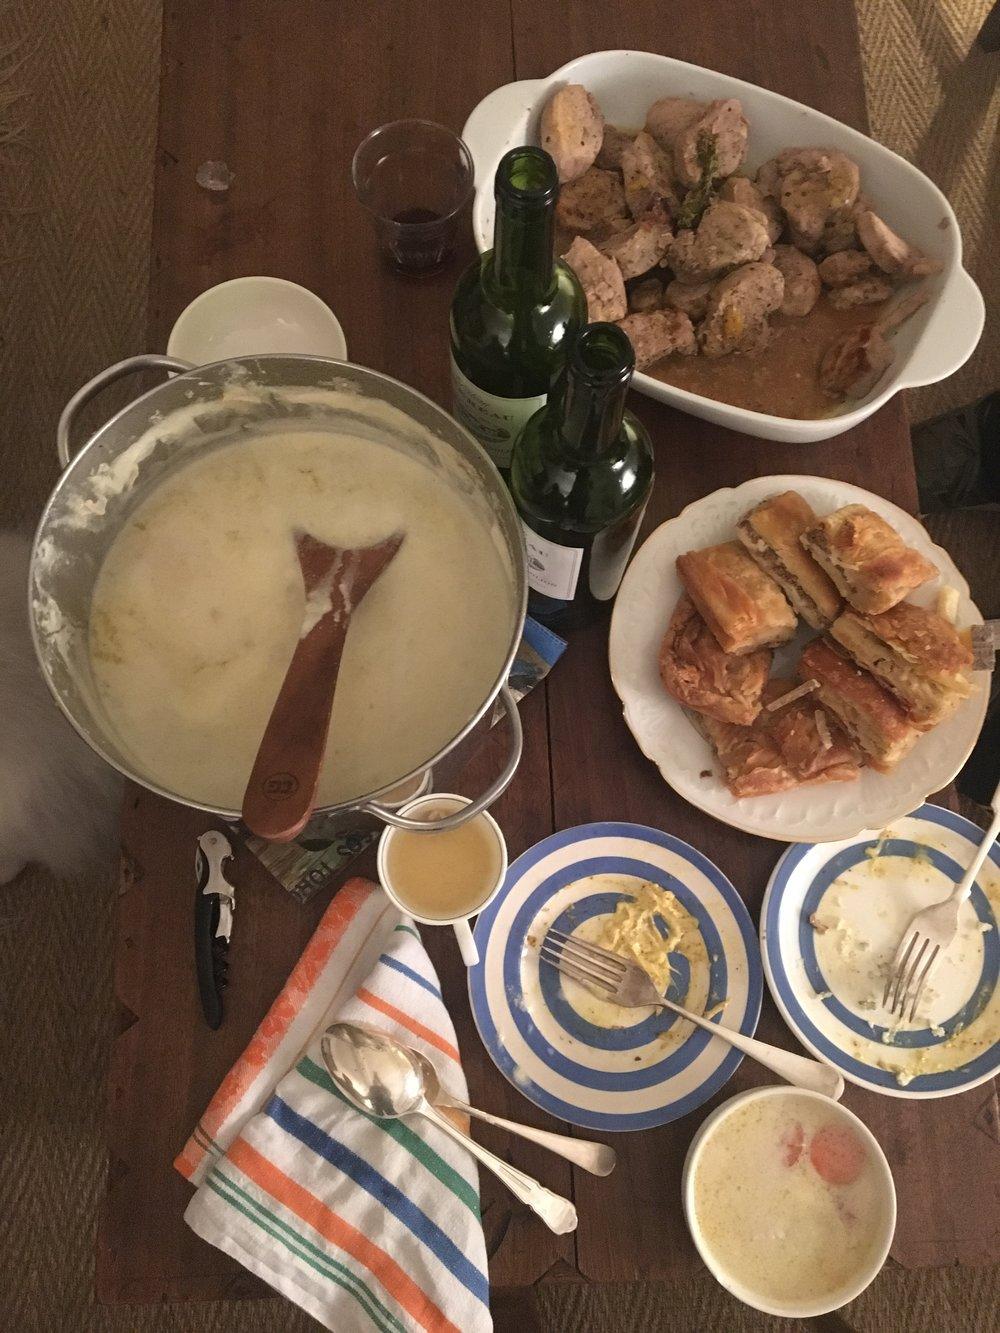 Κοτόσουπα κόκκινο κρασί καιχοιρινό κοντά στο τζάκι.